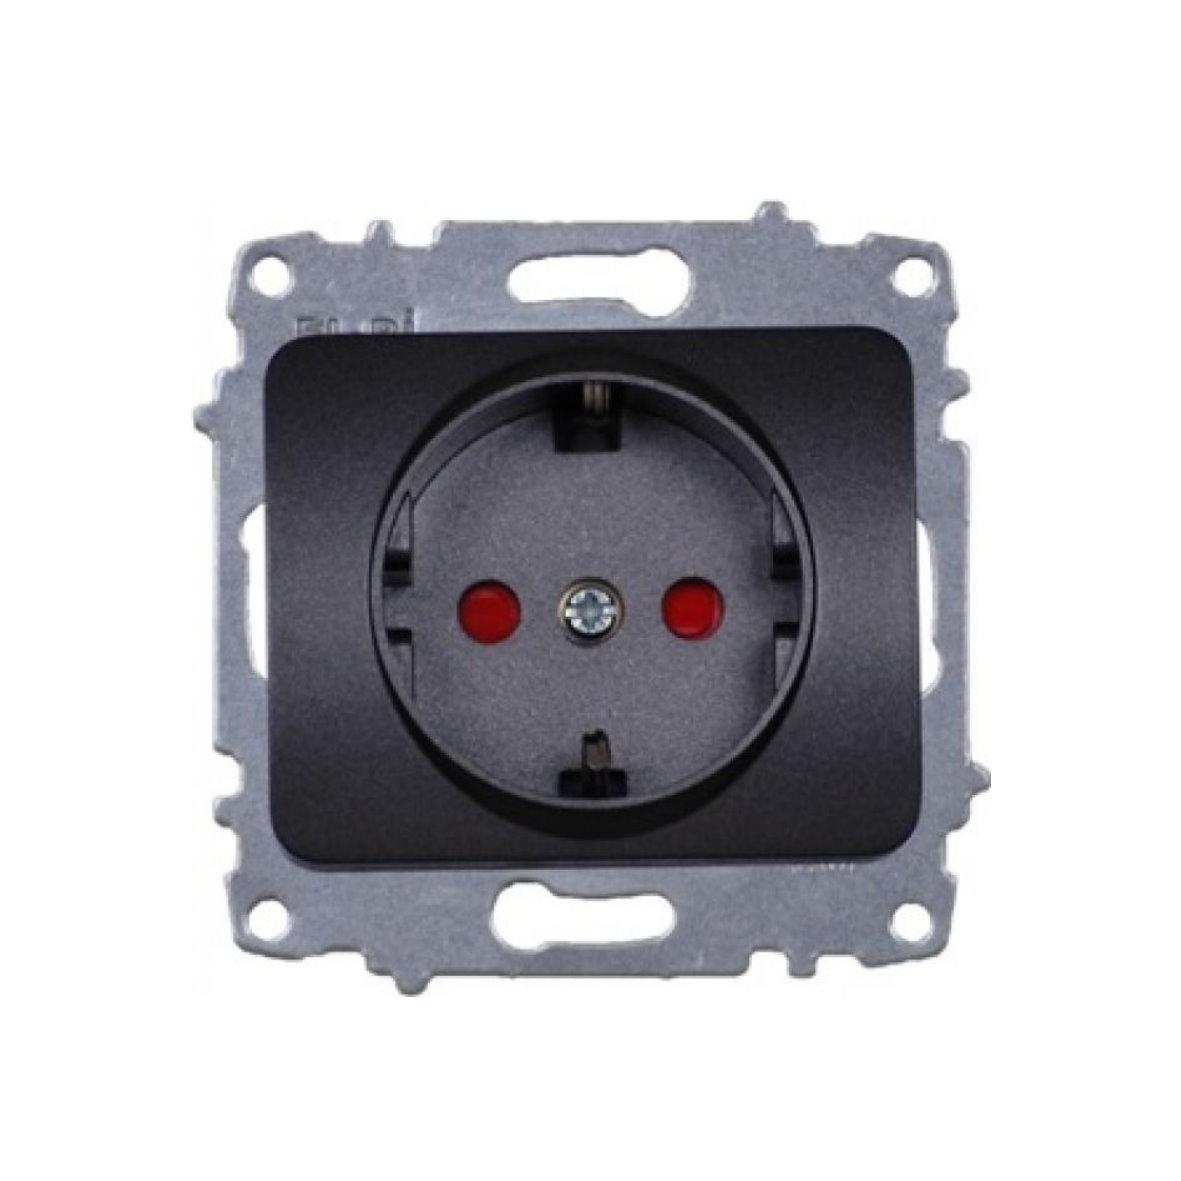 EL-BI Tuna anthrazit Schalterprogramm schwarz Dose Serie - auch LED ...